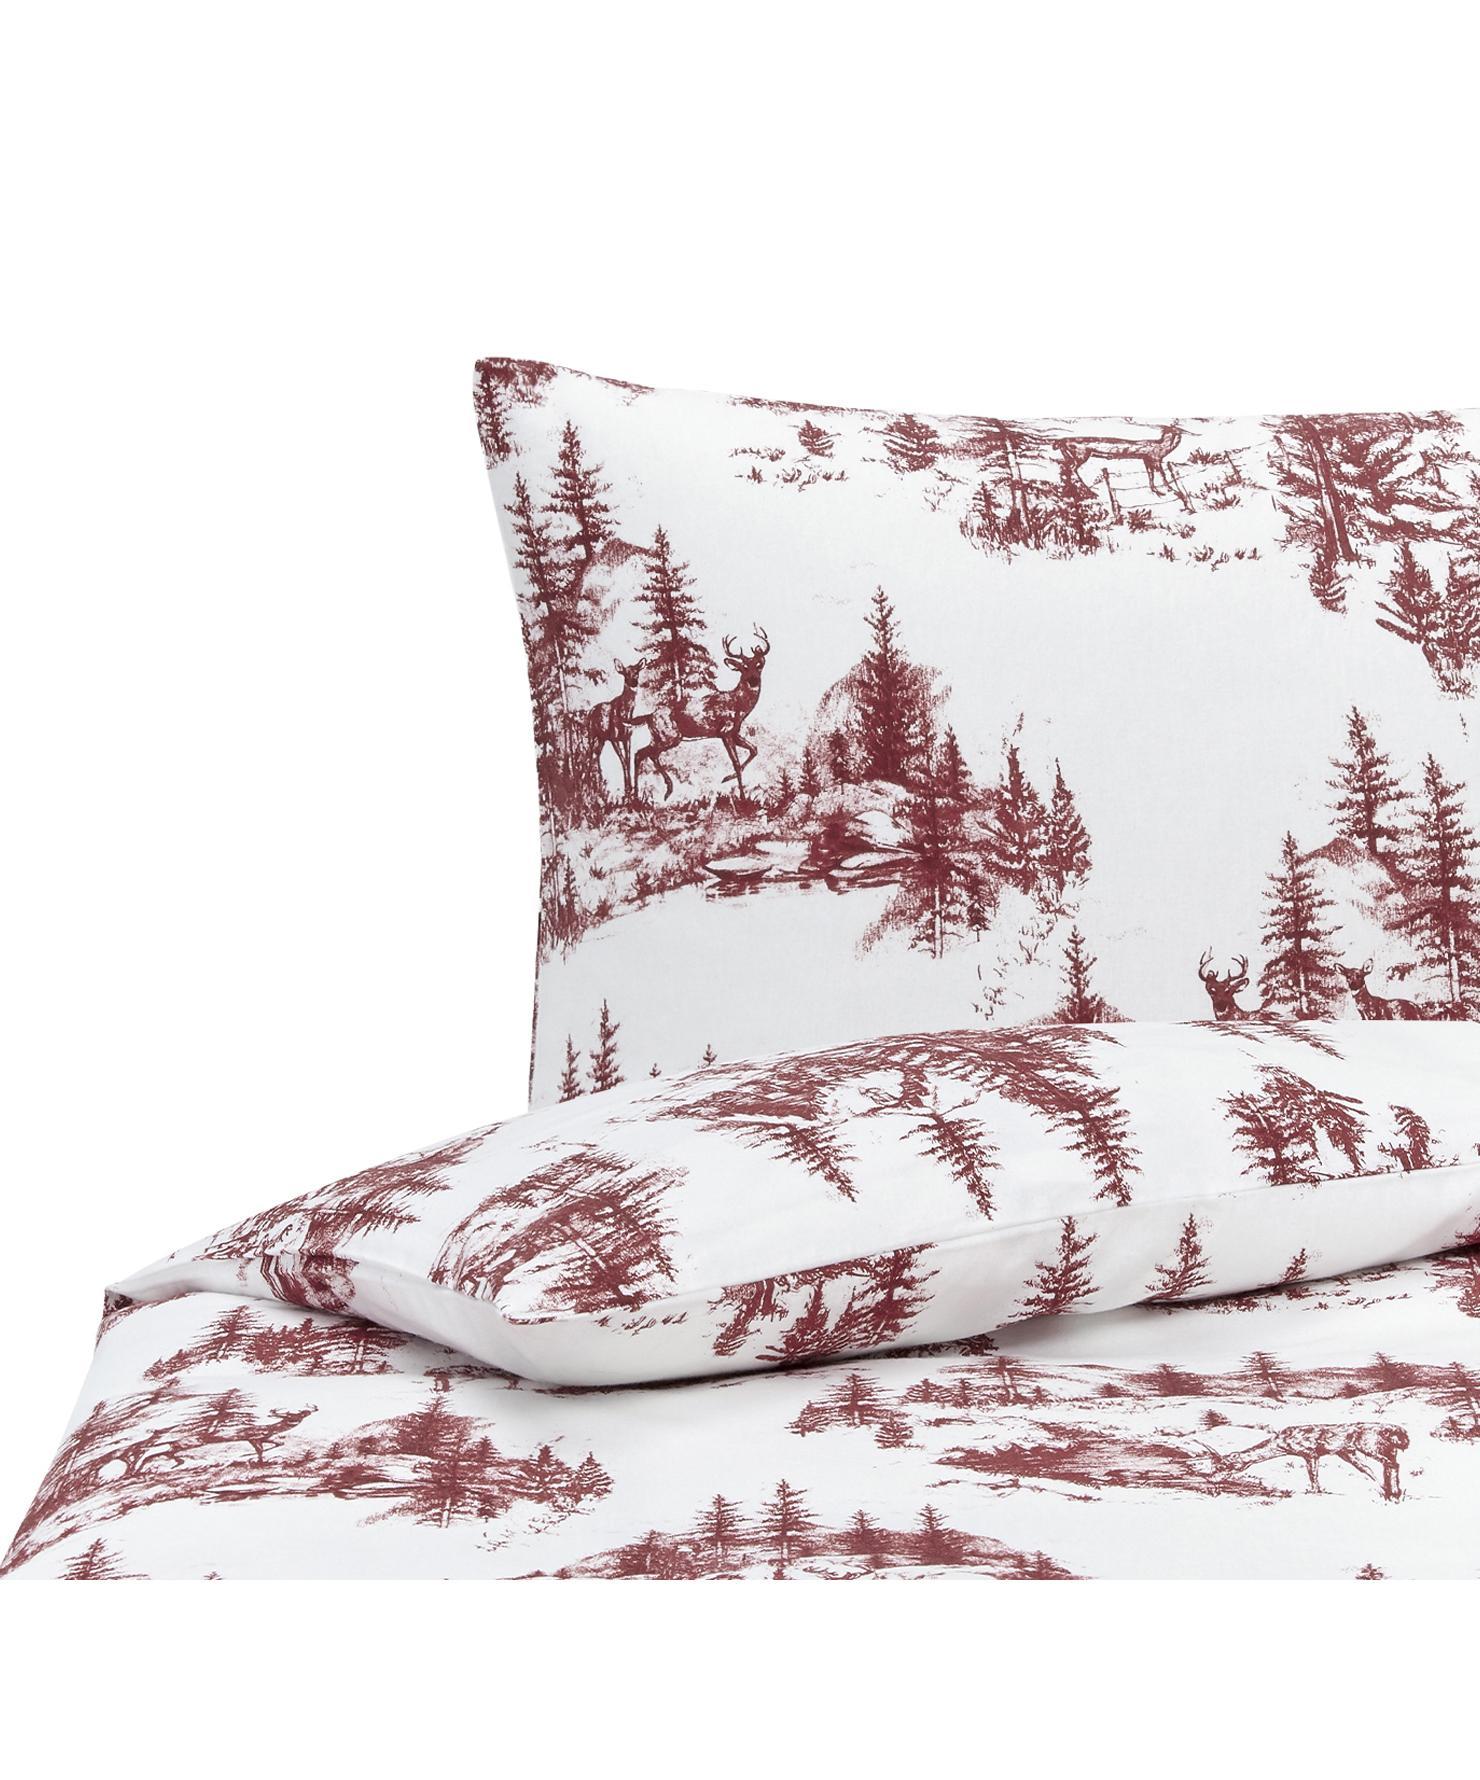 Flanell-Bettwäsche Nordic mit winterlichem Motiv, Webart: Flanell Flanell ist ein s, Rot, Weiß, 135 x 200 cm + 1 Kissen 80 x 80 cm